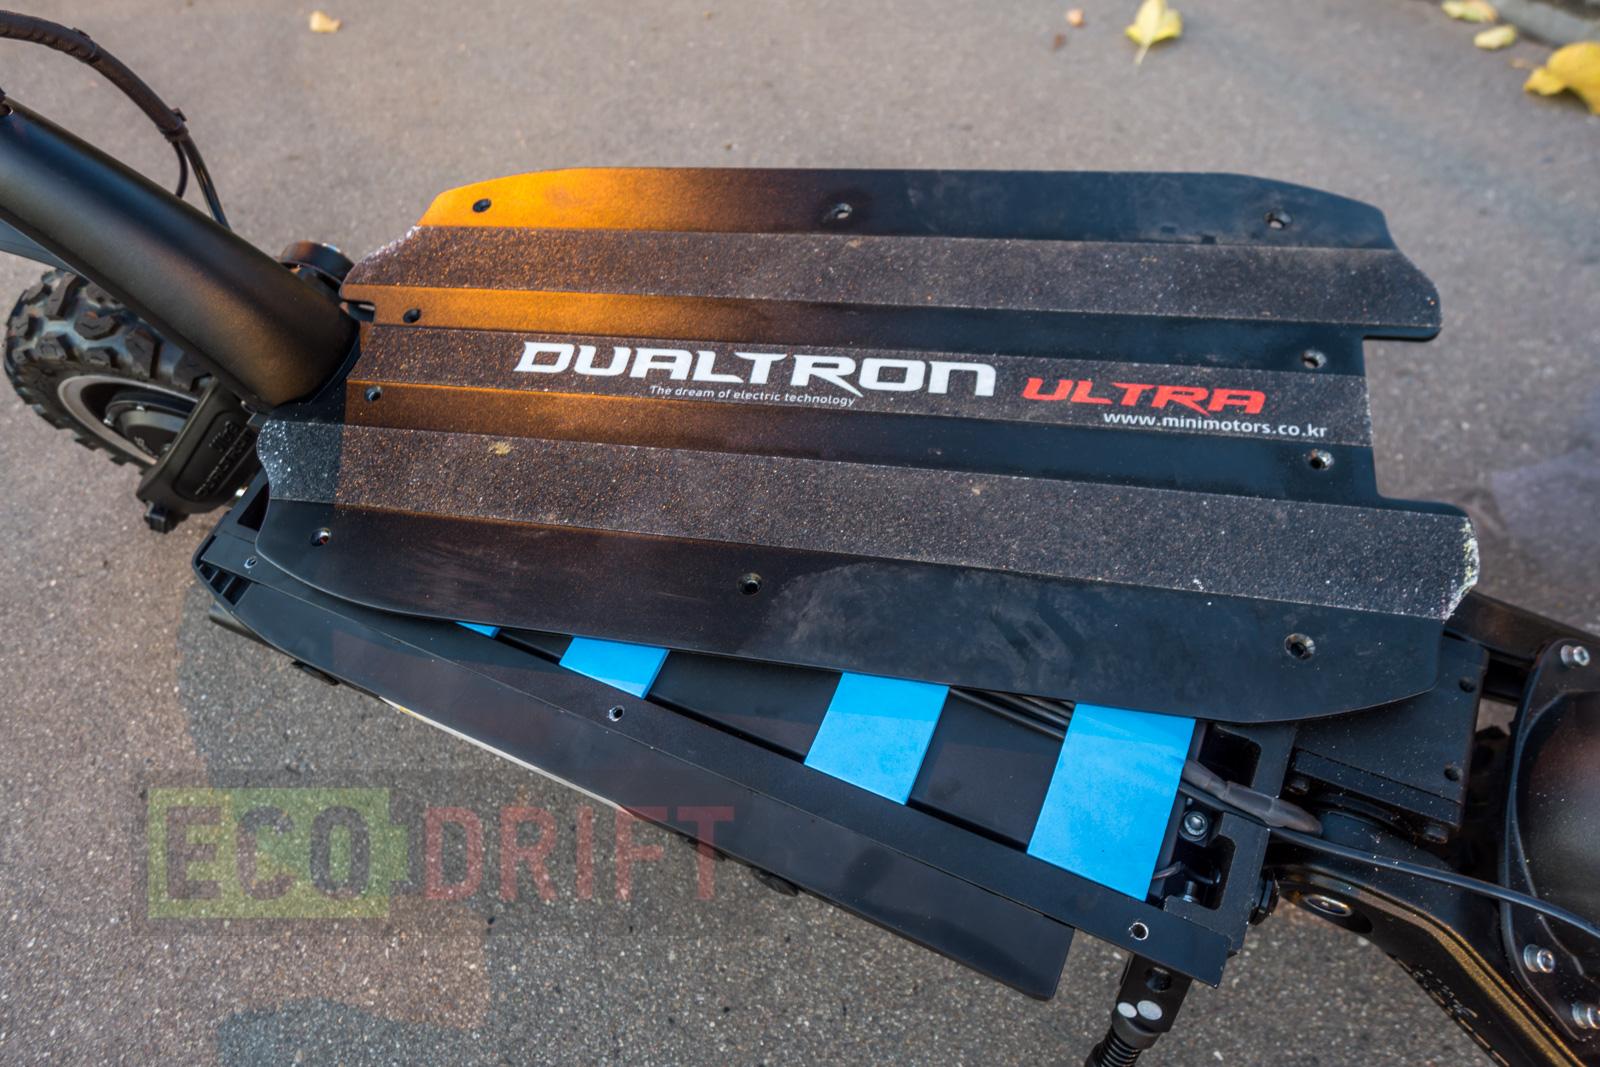 Dualtron Ultra обновленная версия (обзор, сравнение). Компактный ураган